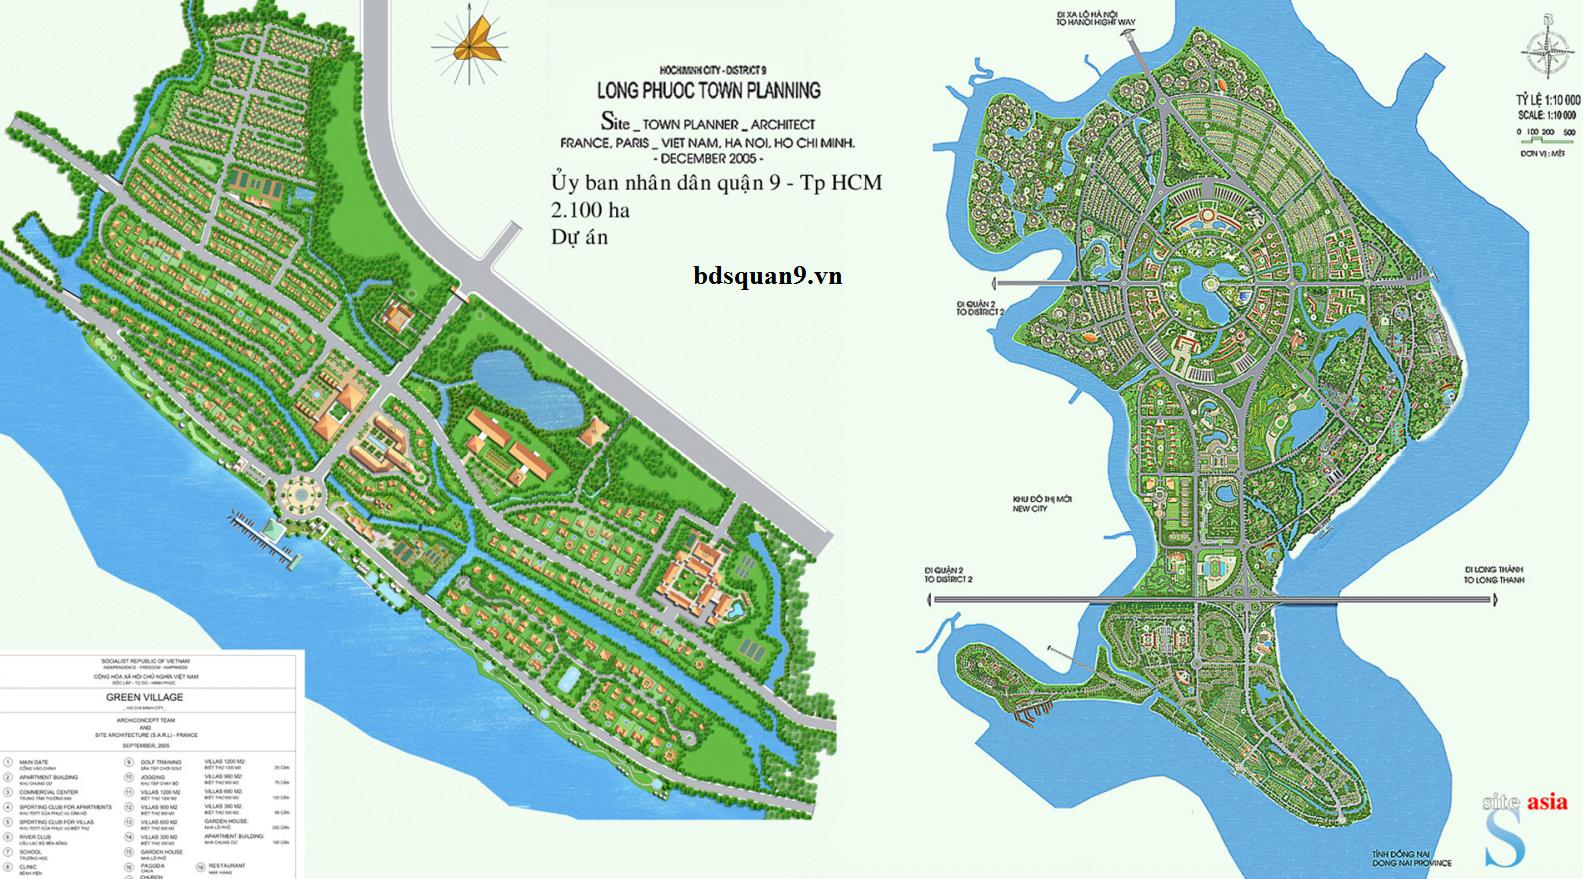 đất vườn tam đa quận 9, mua bán tam đa quận 9, ký gửi tam đa quận 9, chuyễn nhượng tam đa quận 9